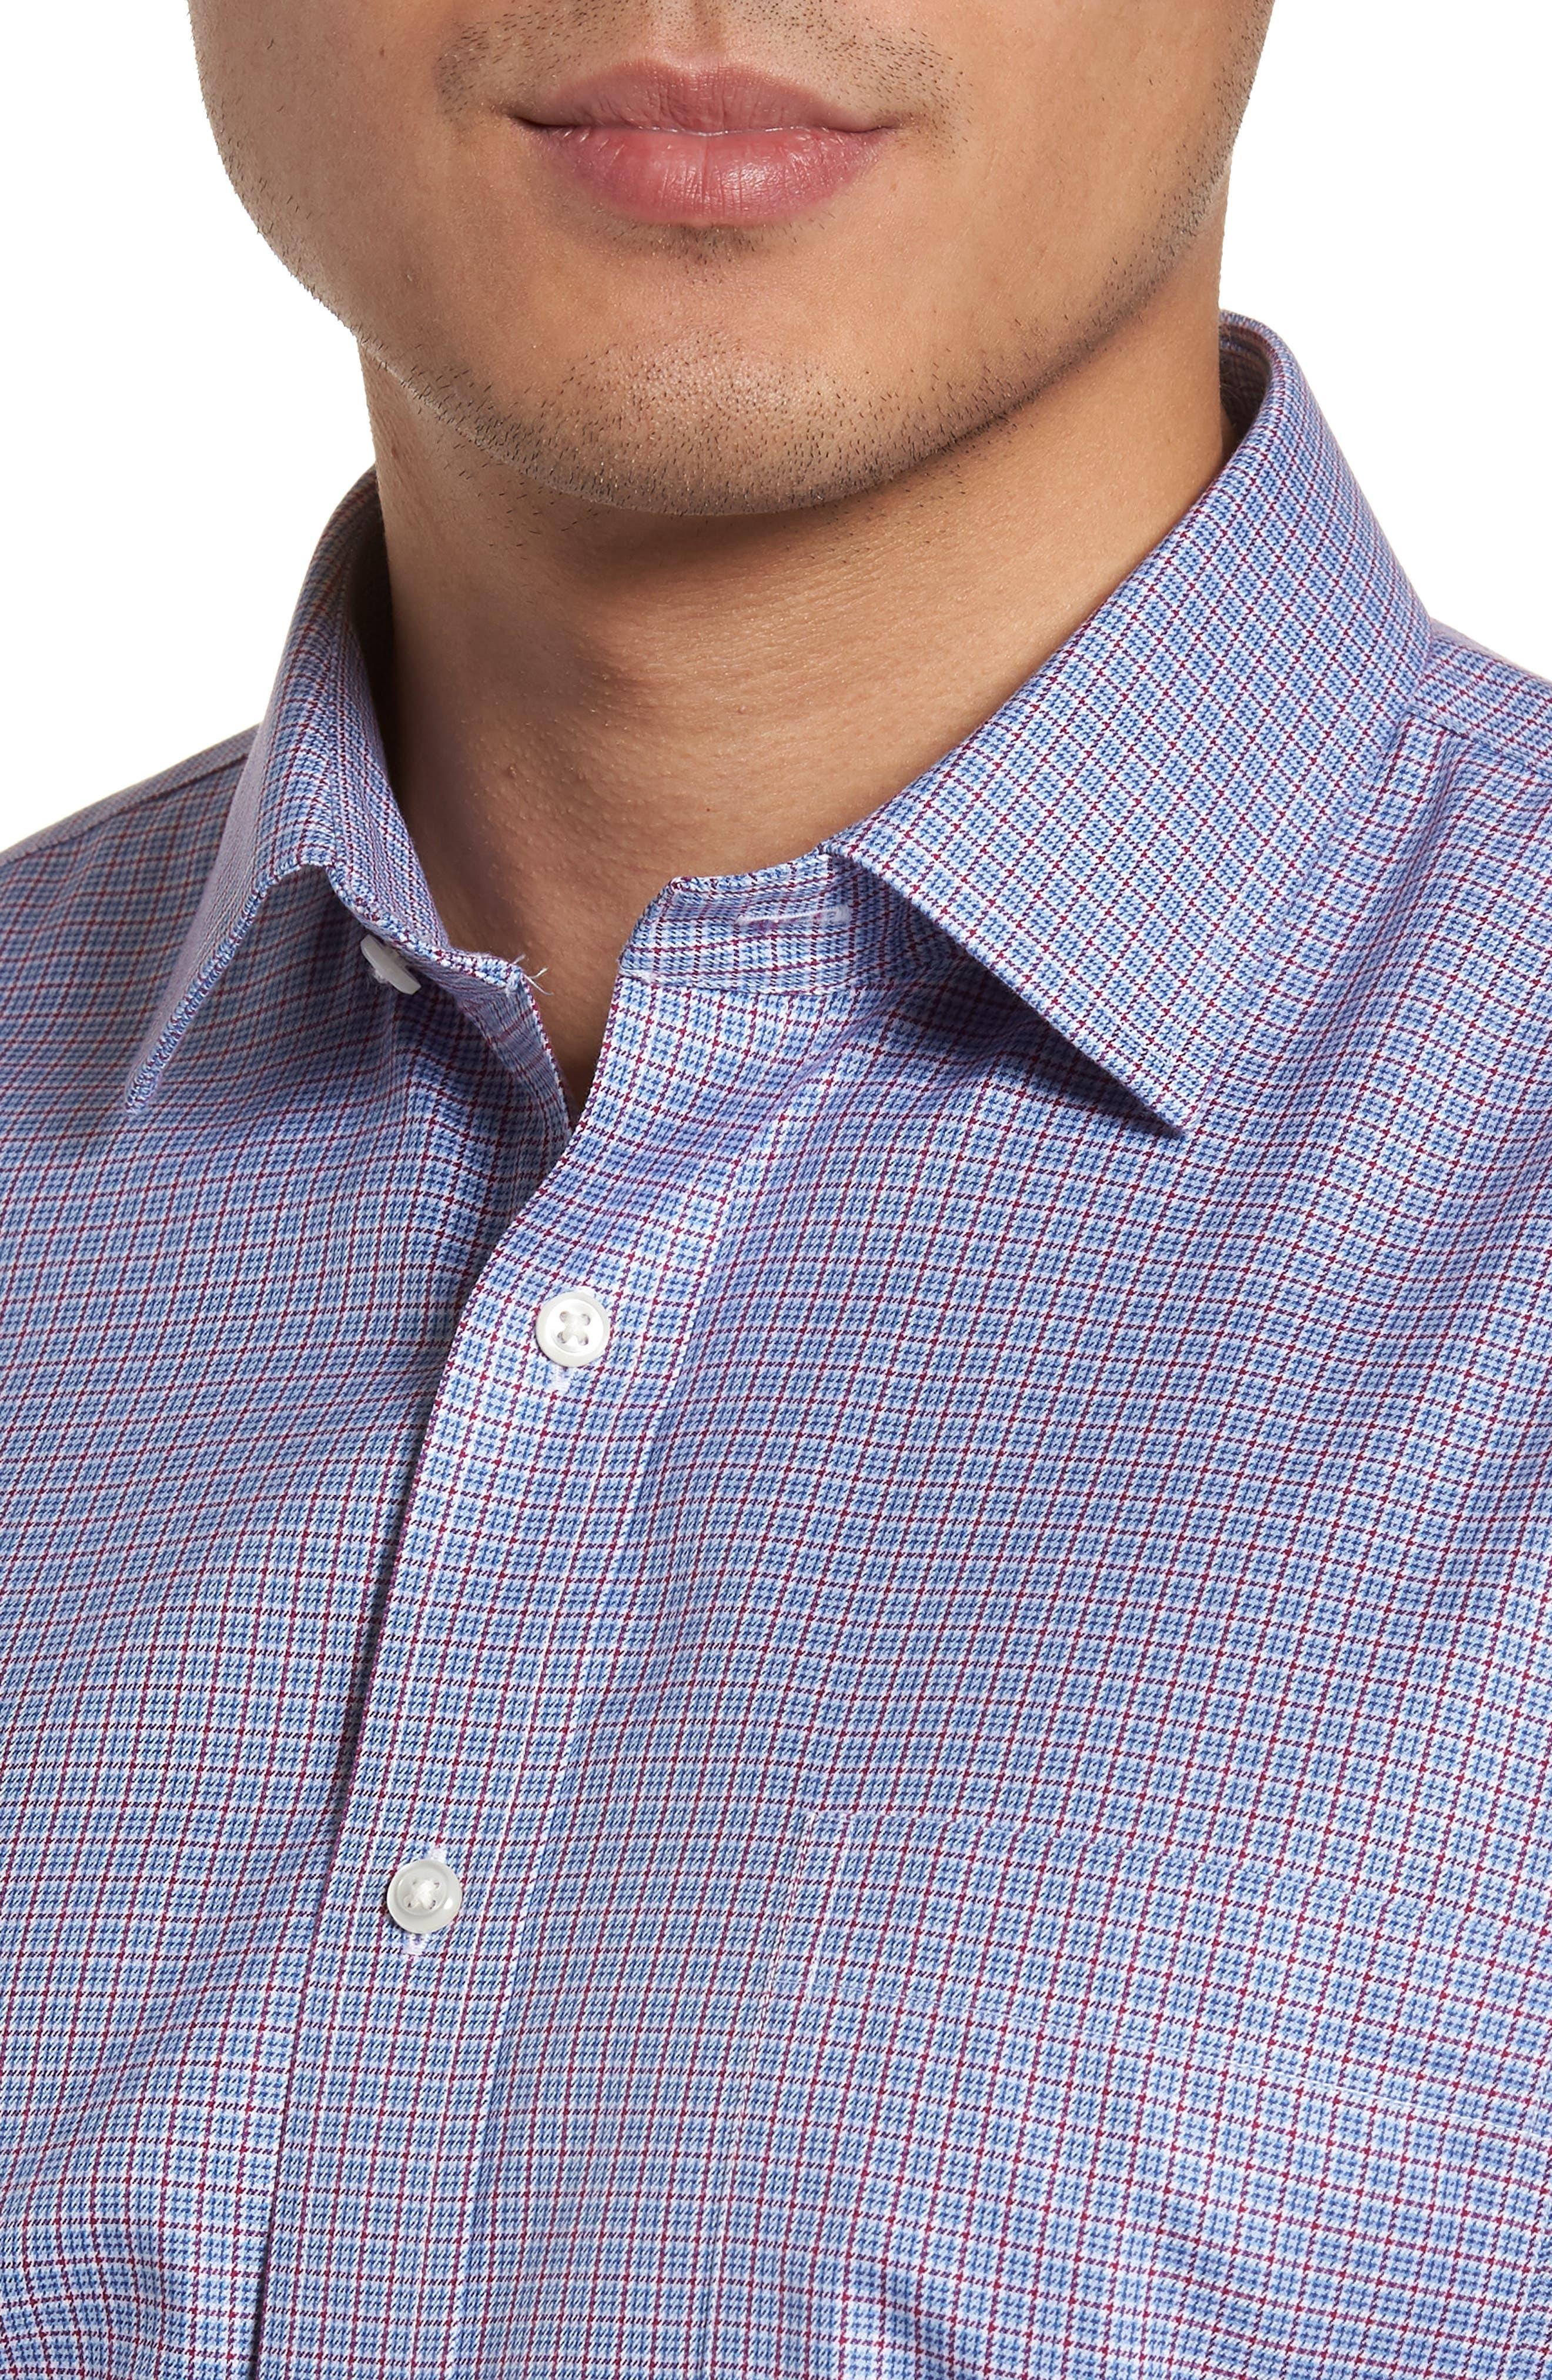 Smartcare<sup>™</sup> Trim Fit Check Dress Shirt,                             Alternate thumbnail 2, color,                             601